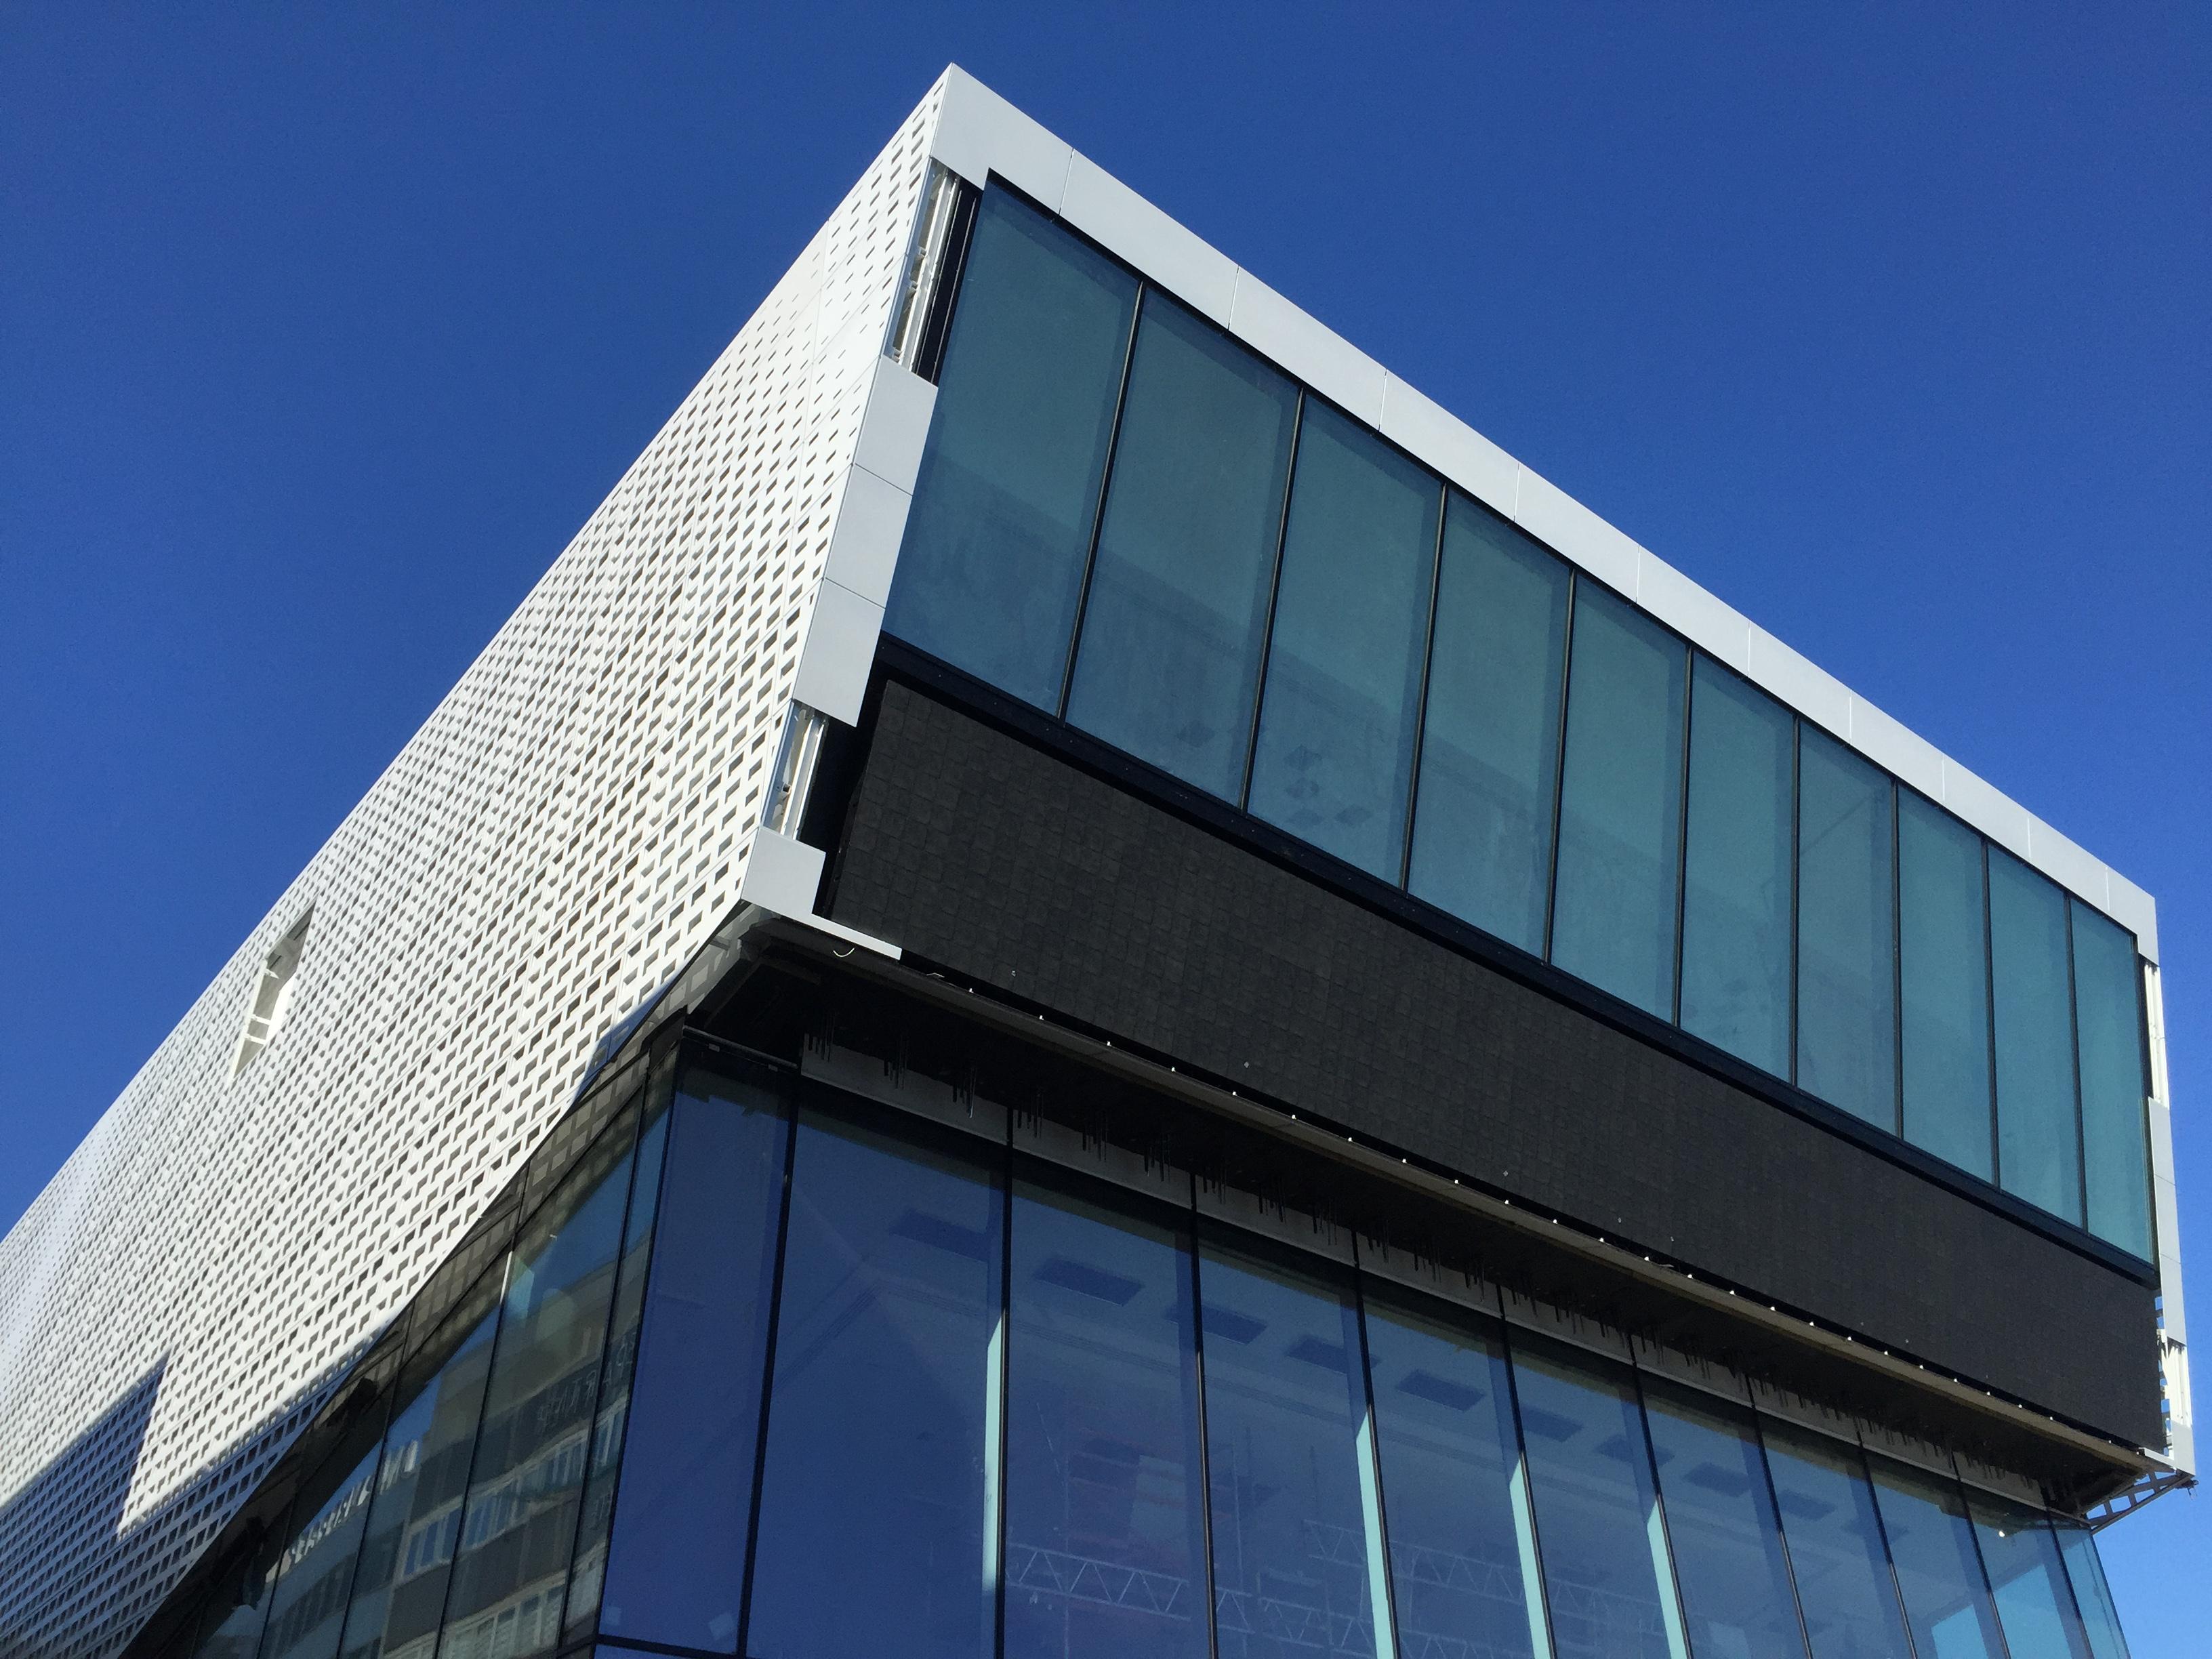 Architektur Dortmund file architektur dfb museum dortmund jpg wikimedia commons